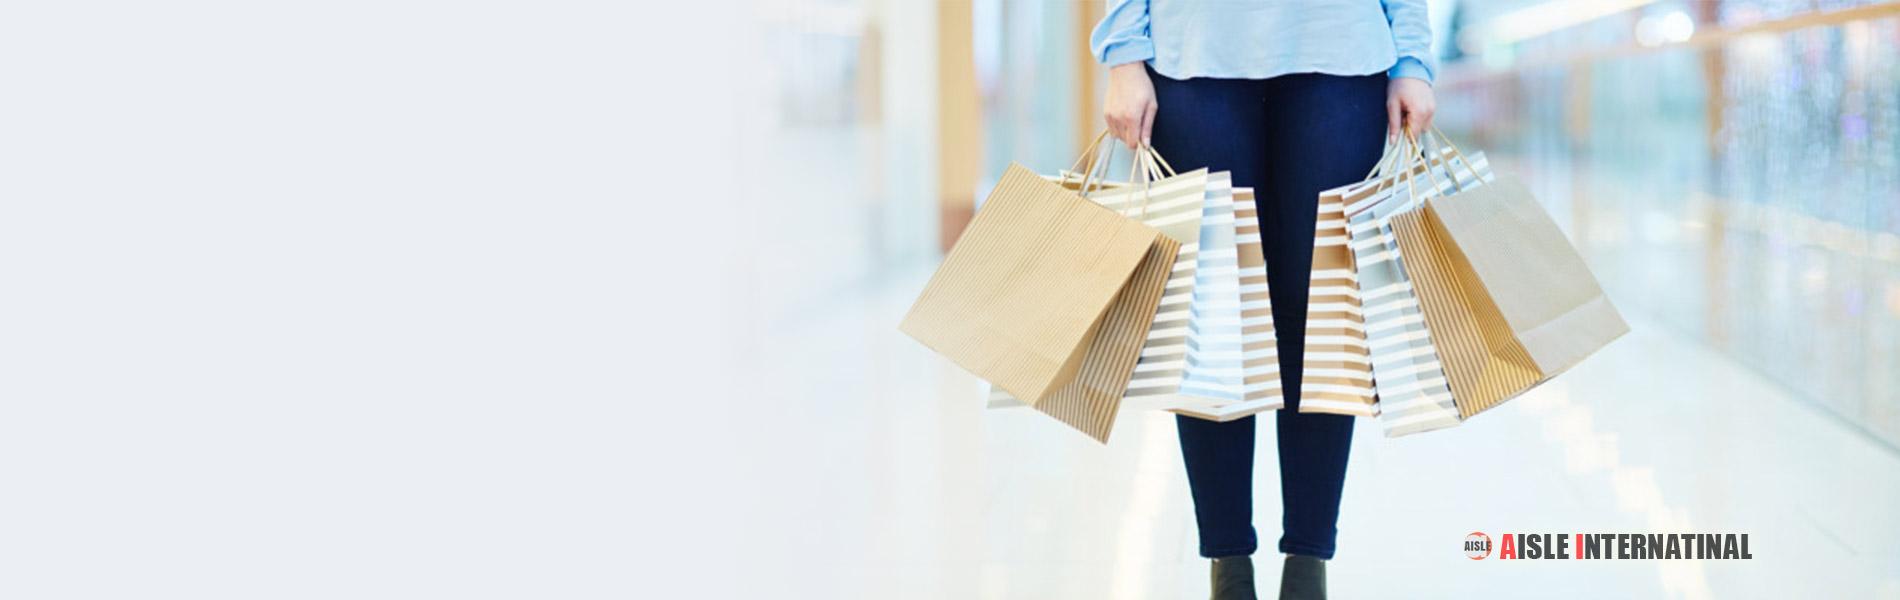 お客様が商品を見やすく、 購入しやすい売り場づくり